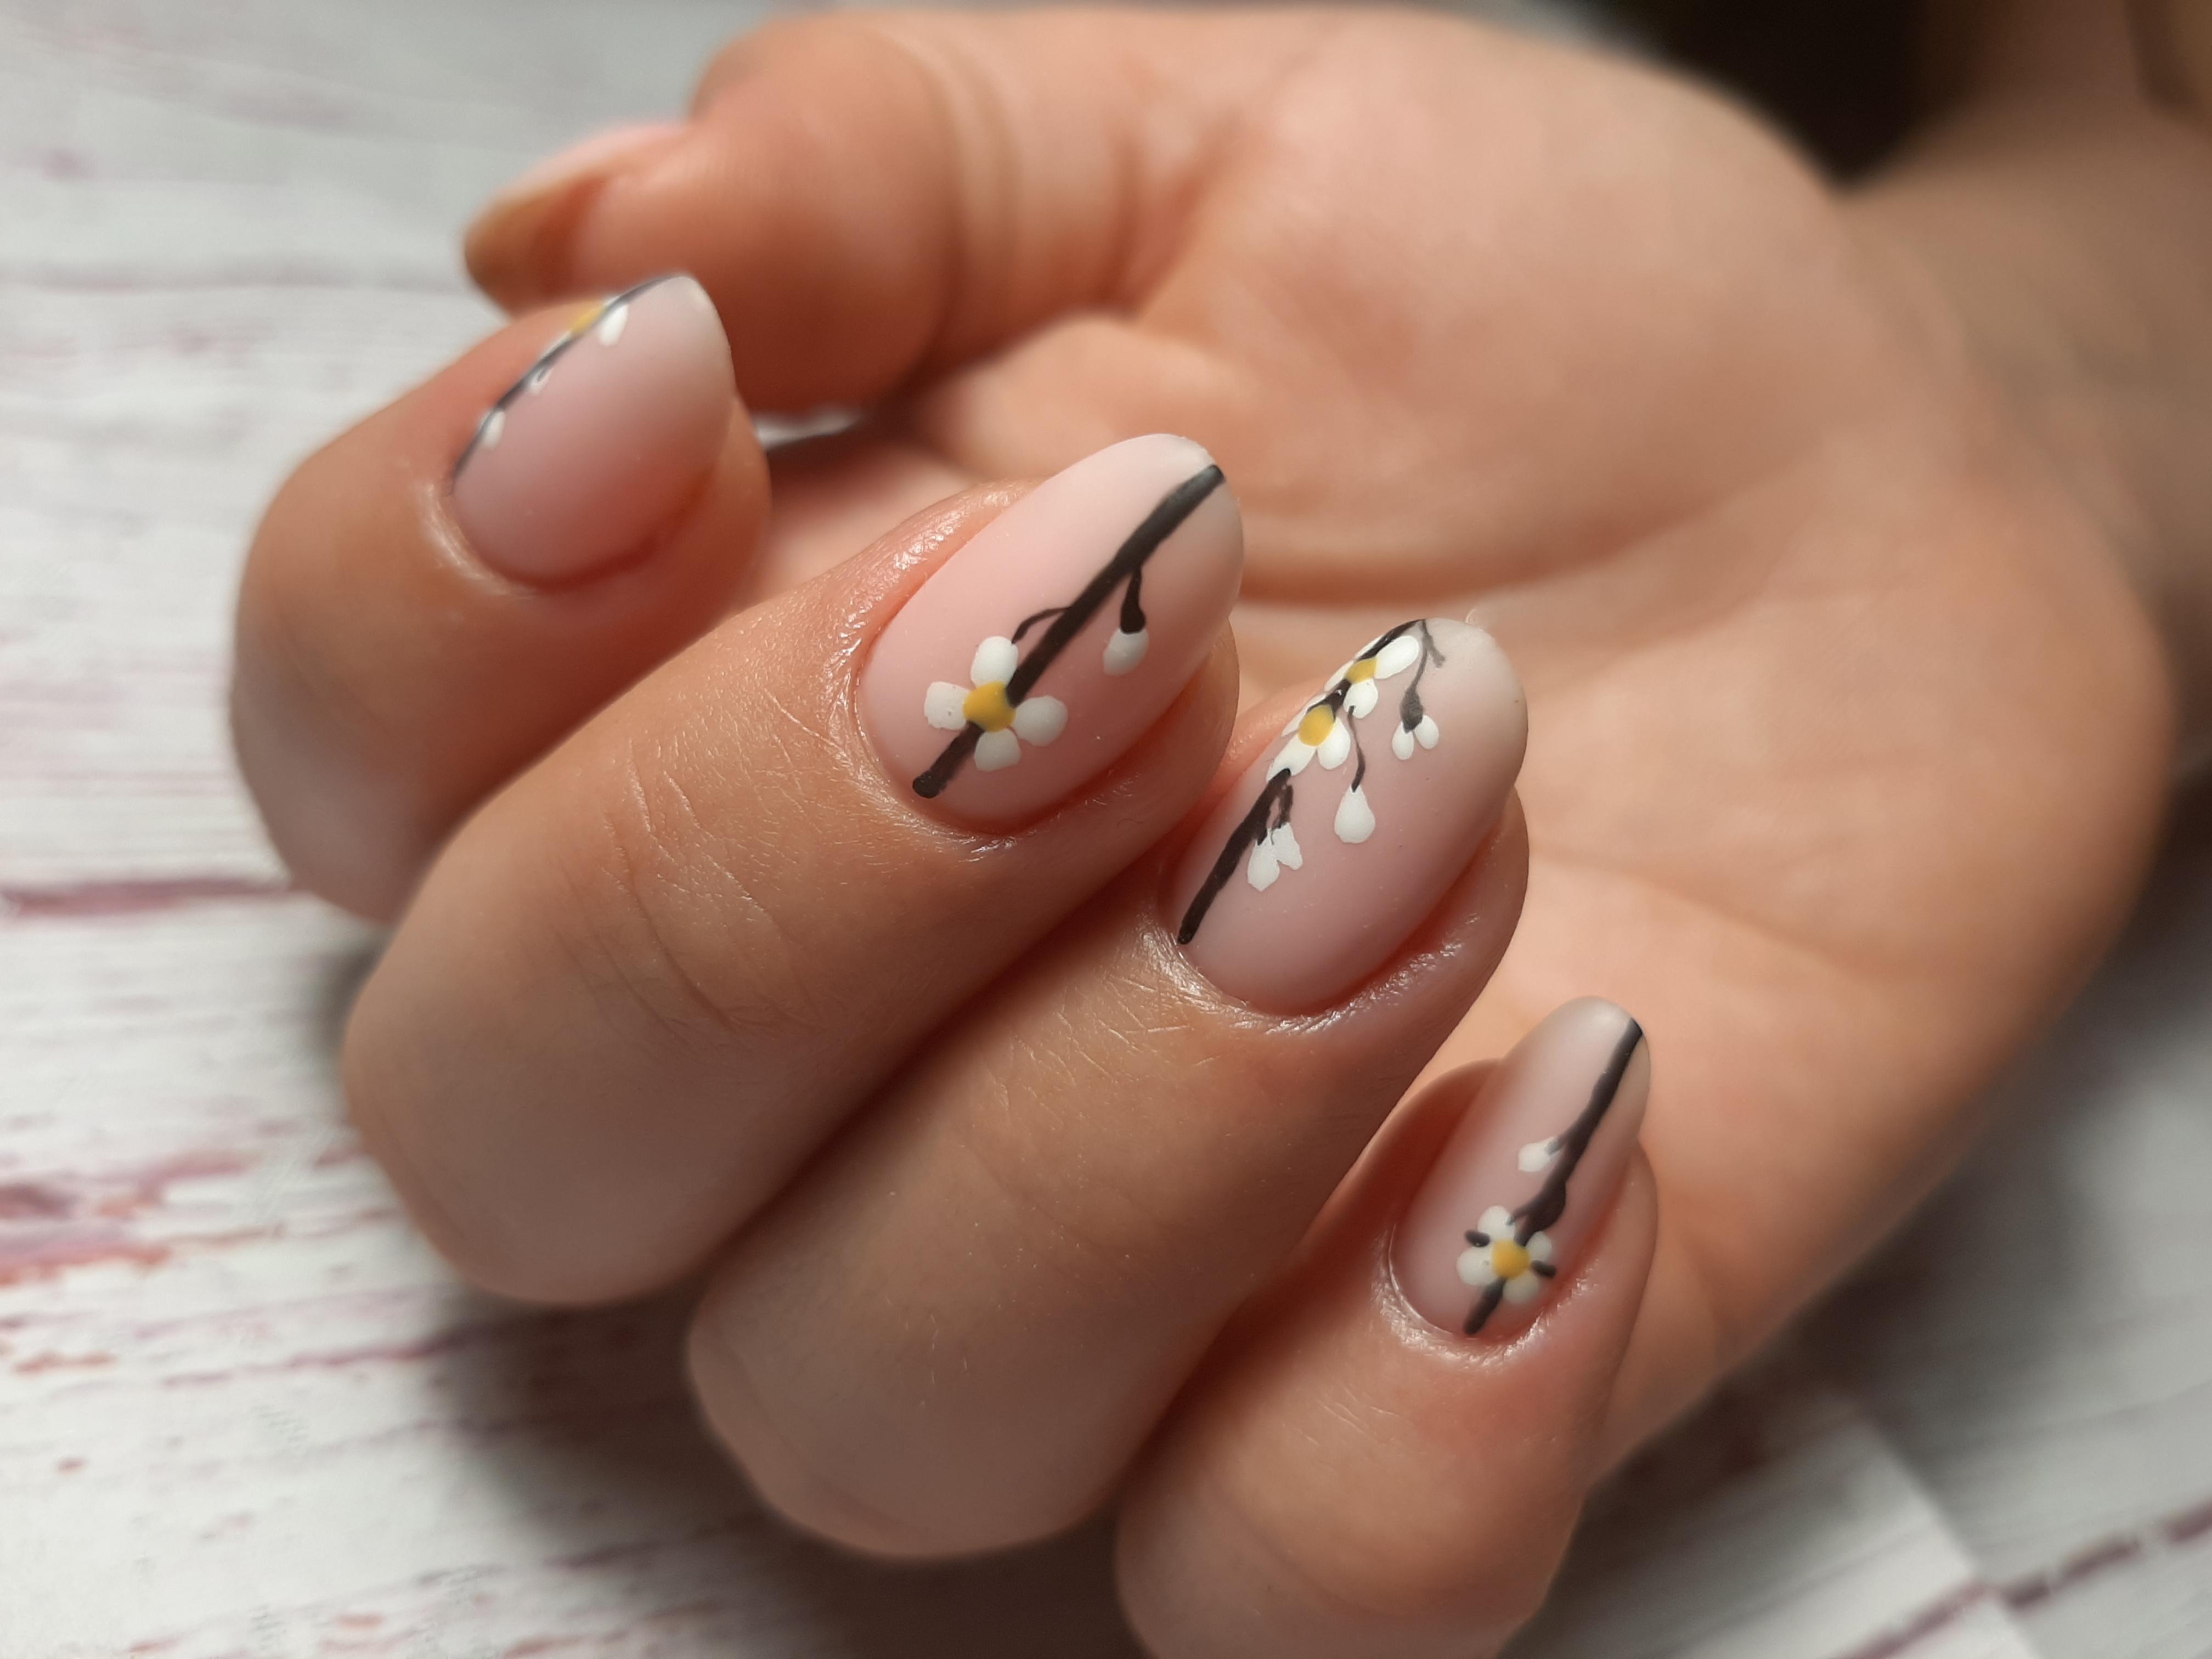 Матовый нюдовый маникюр с цветочным рисунком на короткие ногти.